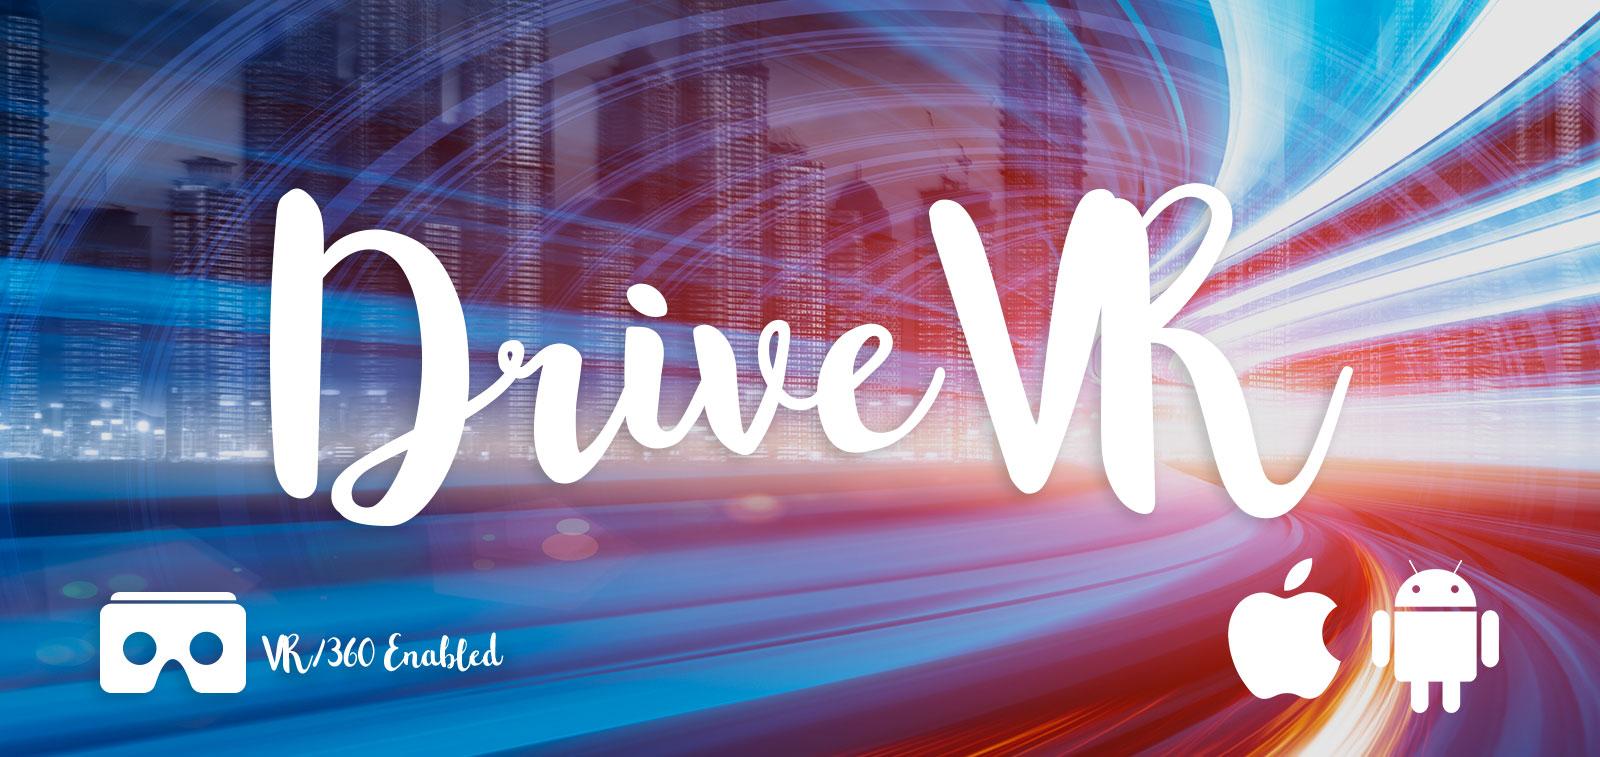 DriveVR - VR / 360